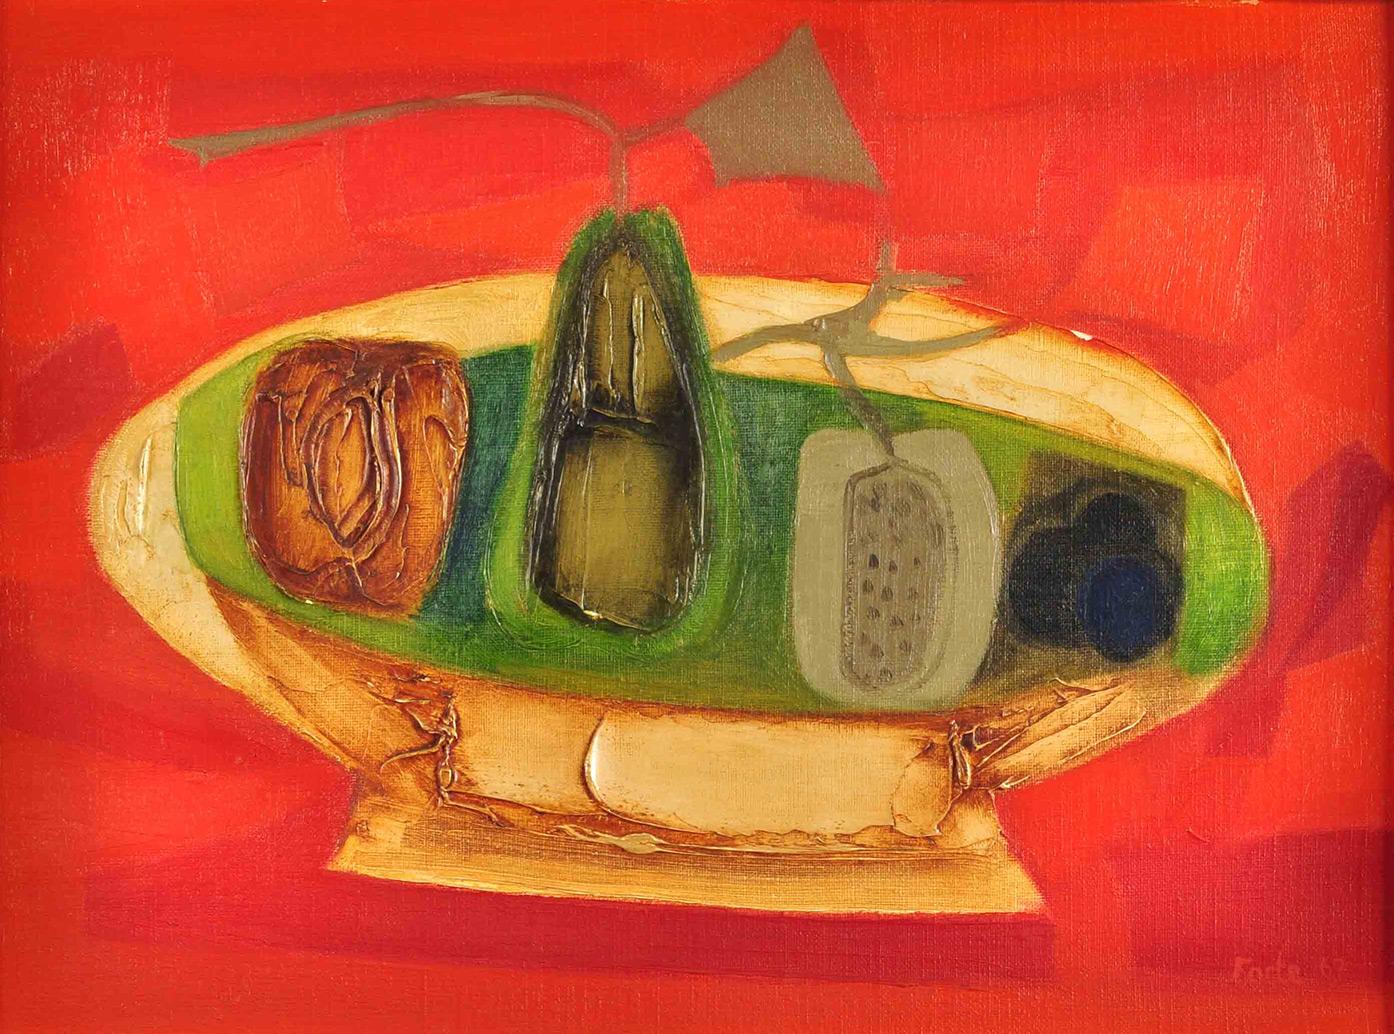 Vicente Forte (1912 - 1980) fue uno de los artistas más queridos del Arte de los Argentinos; sus trabajos reflejan la bondad y alegría que transmitía.